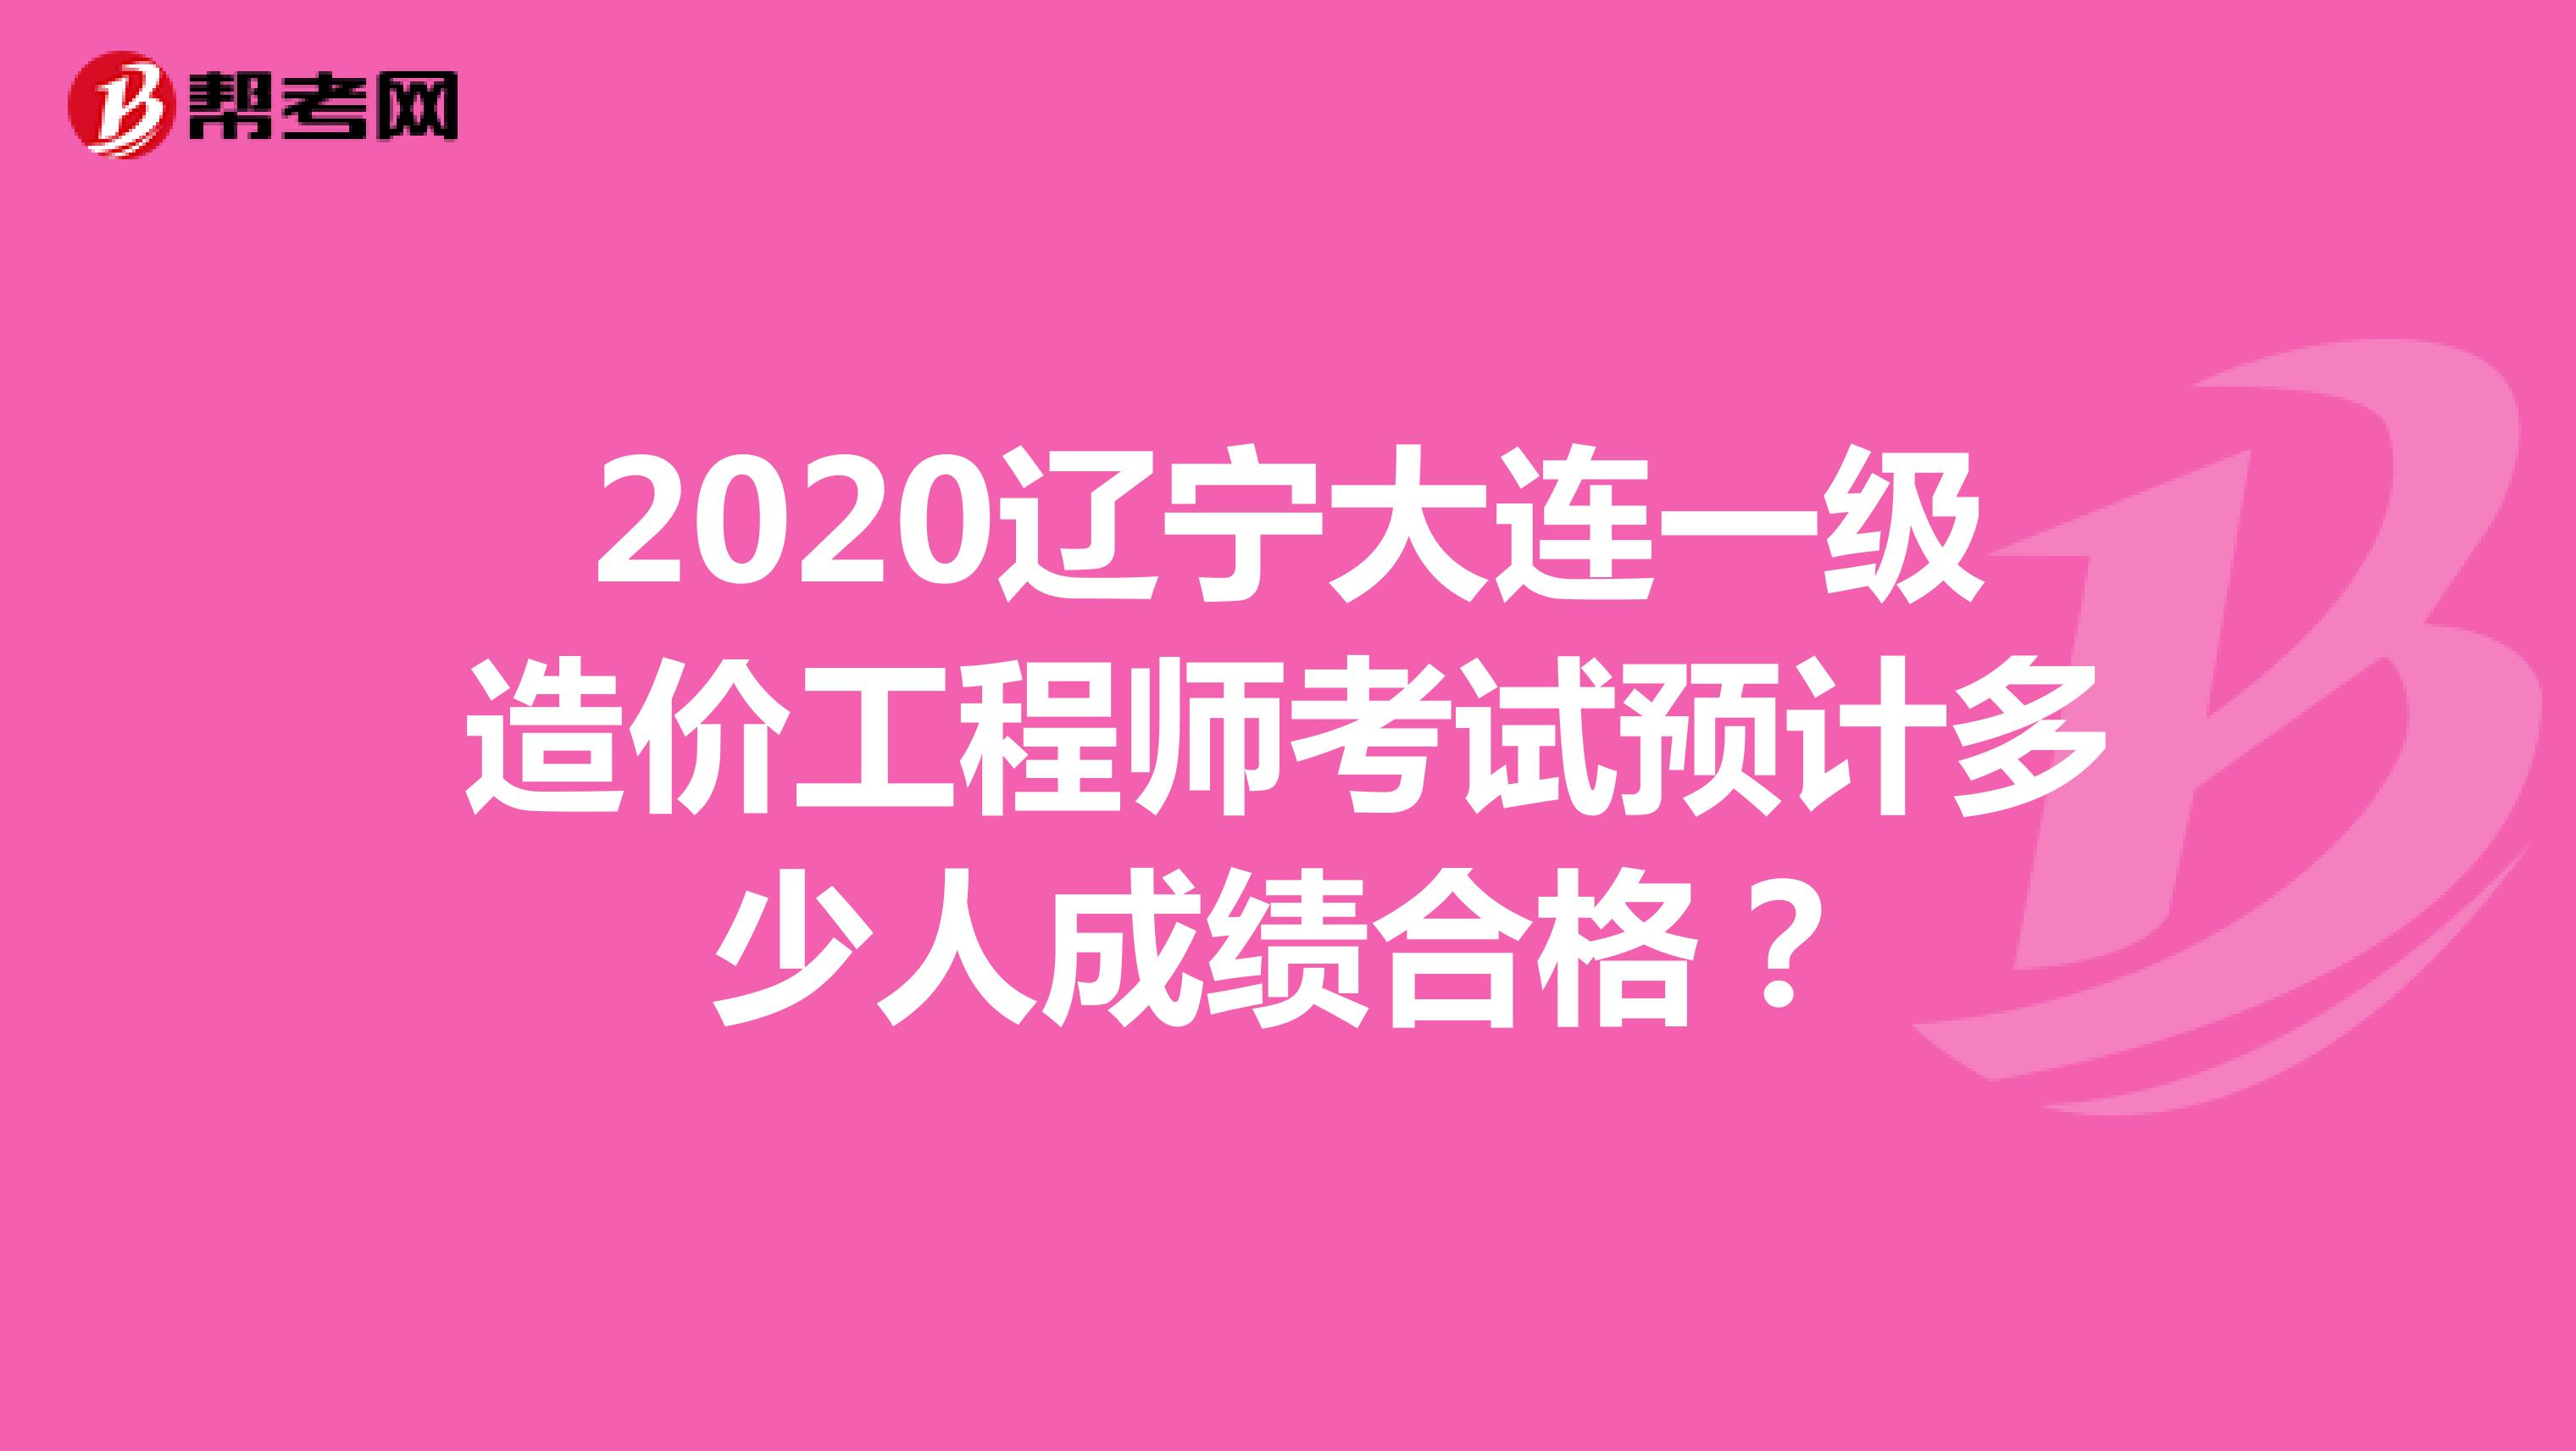 2020遼寧大連一級造價工程師考試預計多少人成績合格?